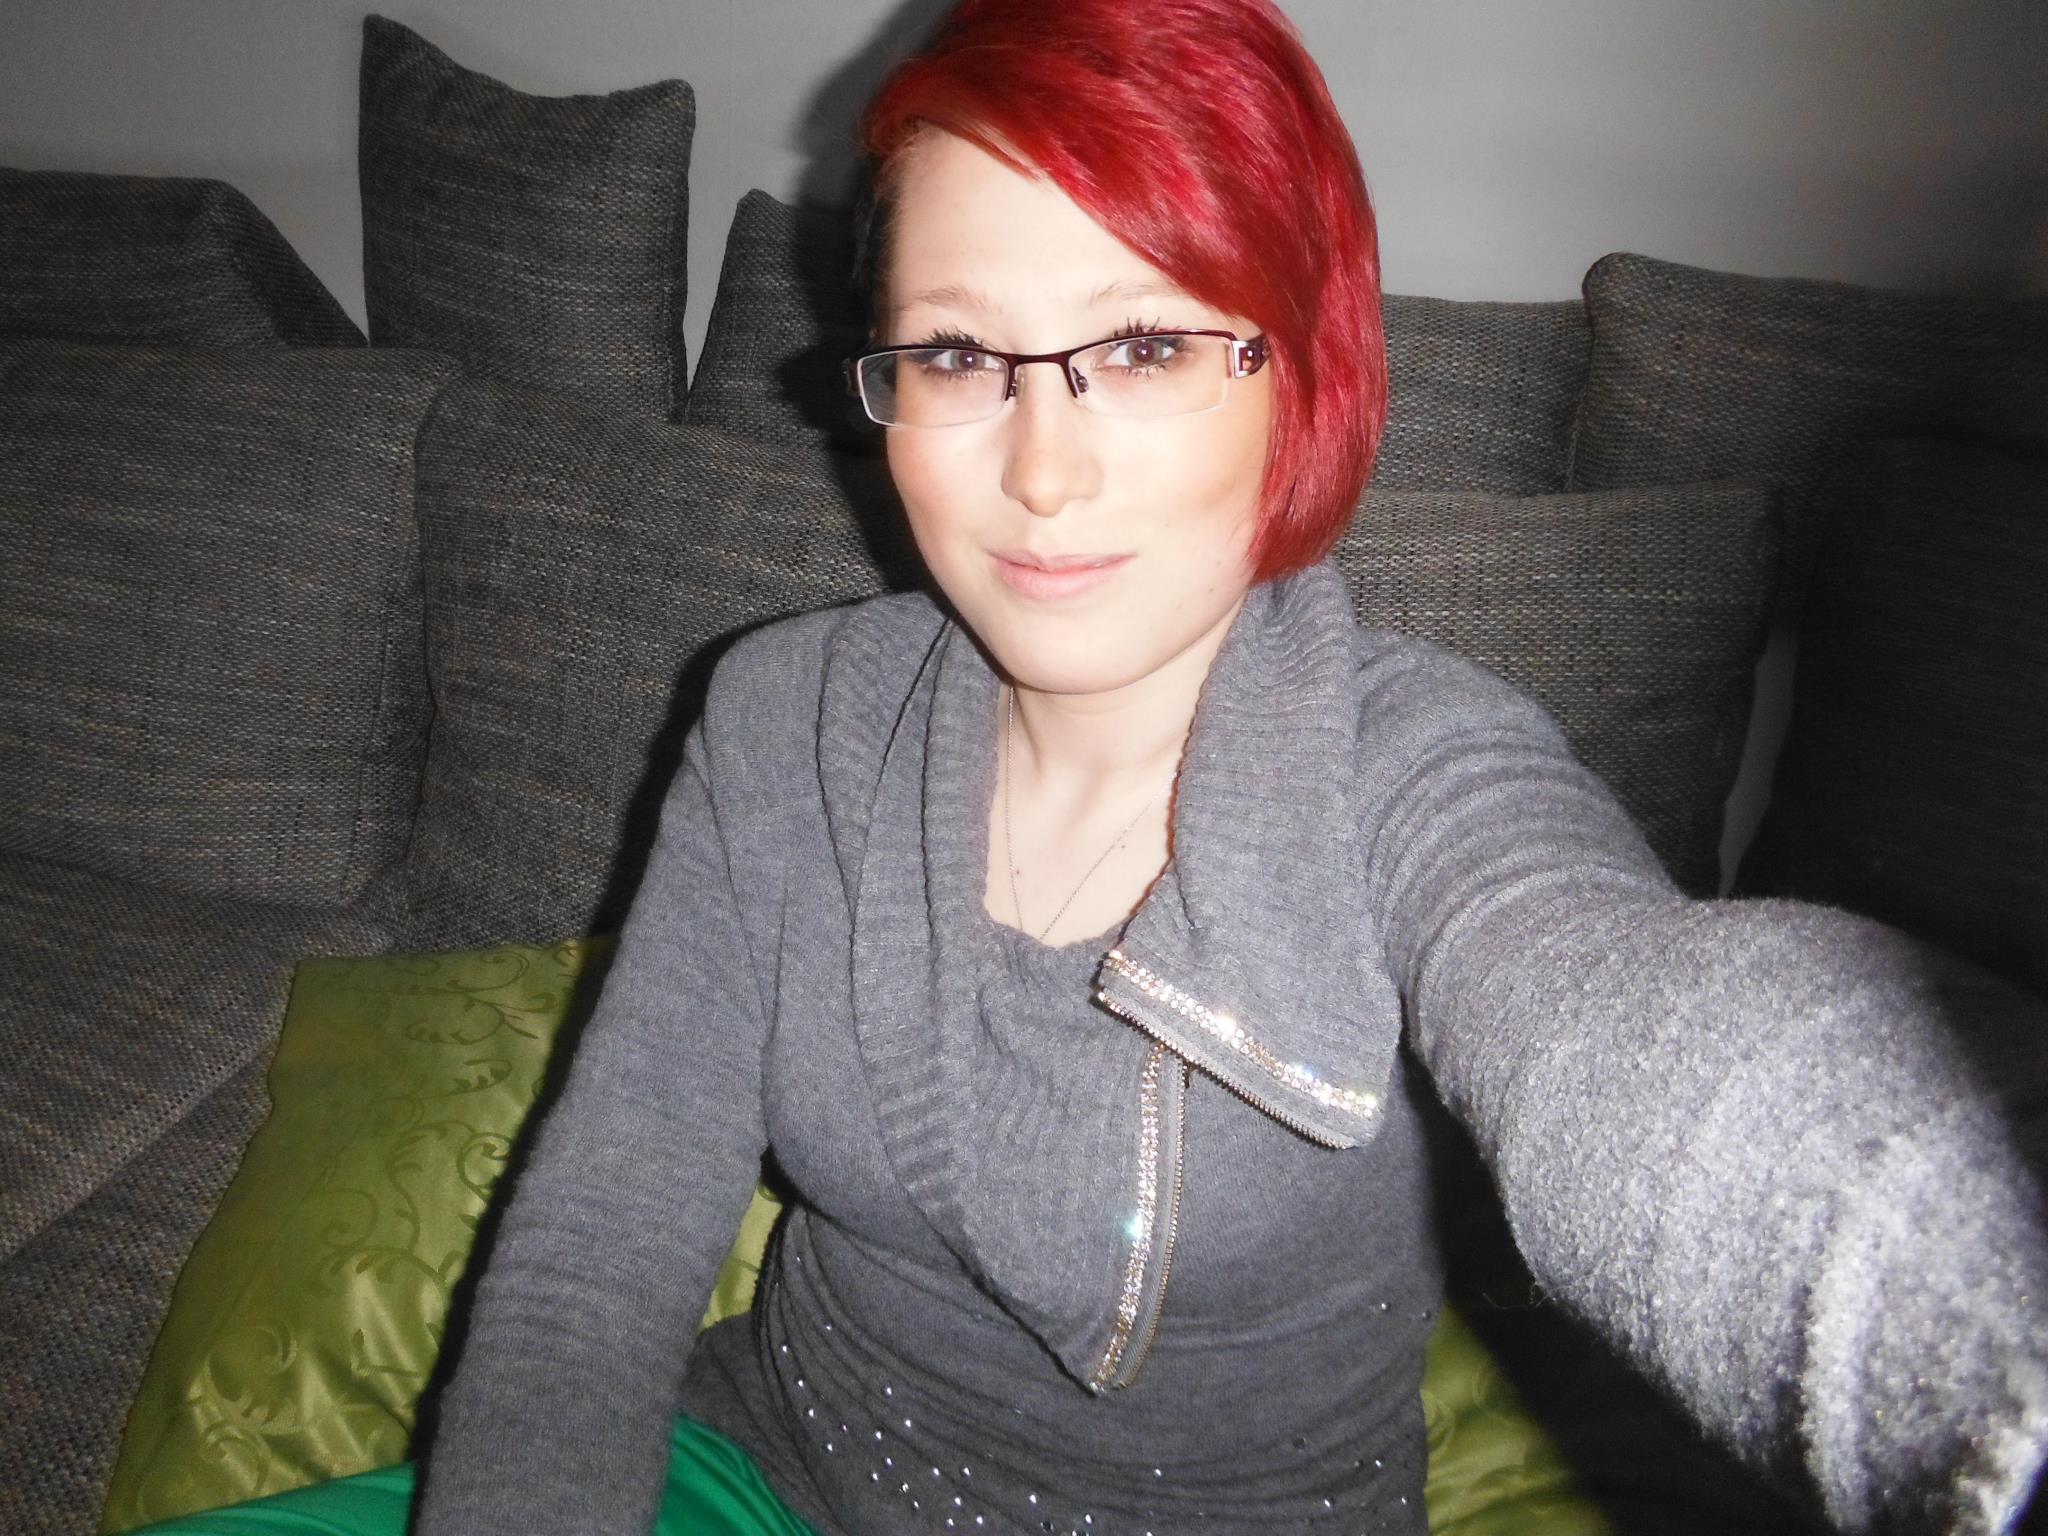 Rote oder braune haare was ist besser? welche haarfarbe ist gut ...